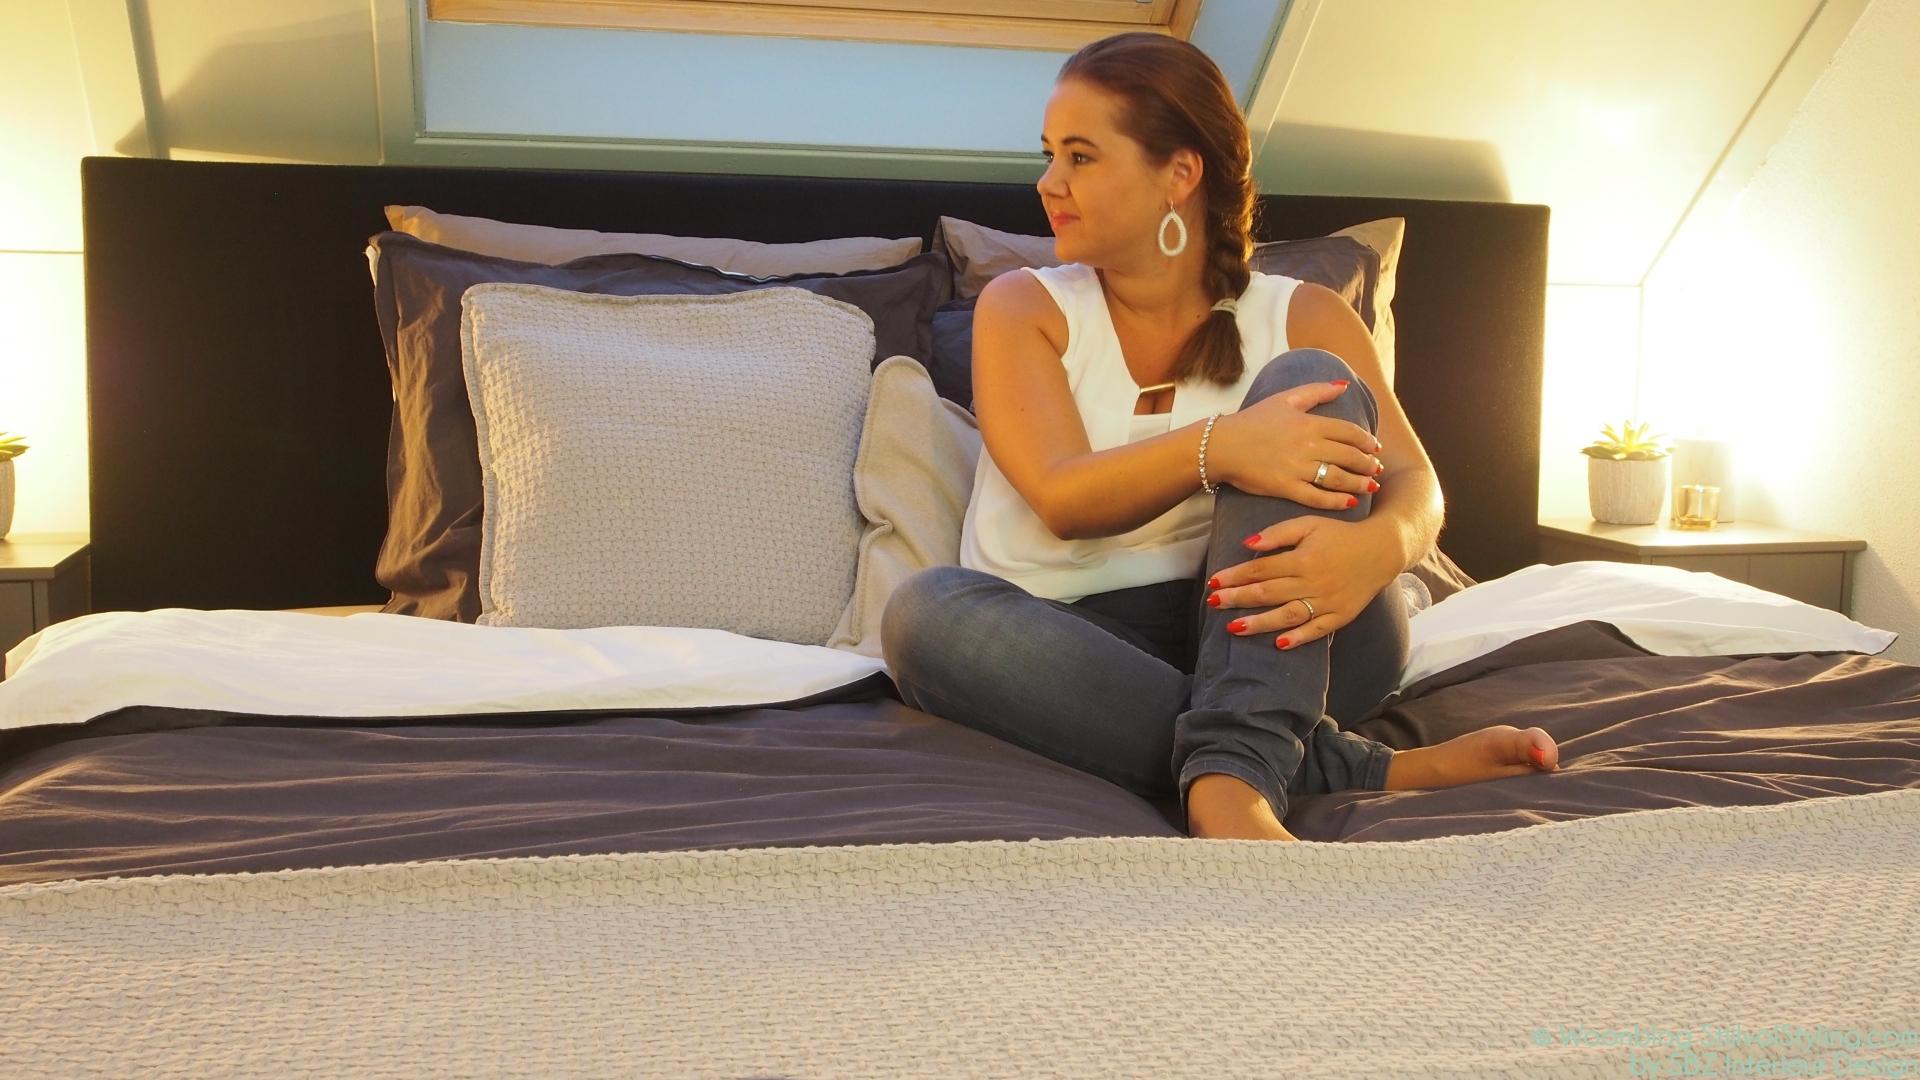 Slaapkamer ideeen gamma for - Deco schilderij slaapkamer jongen ...